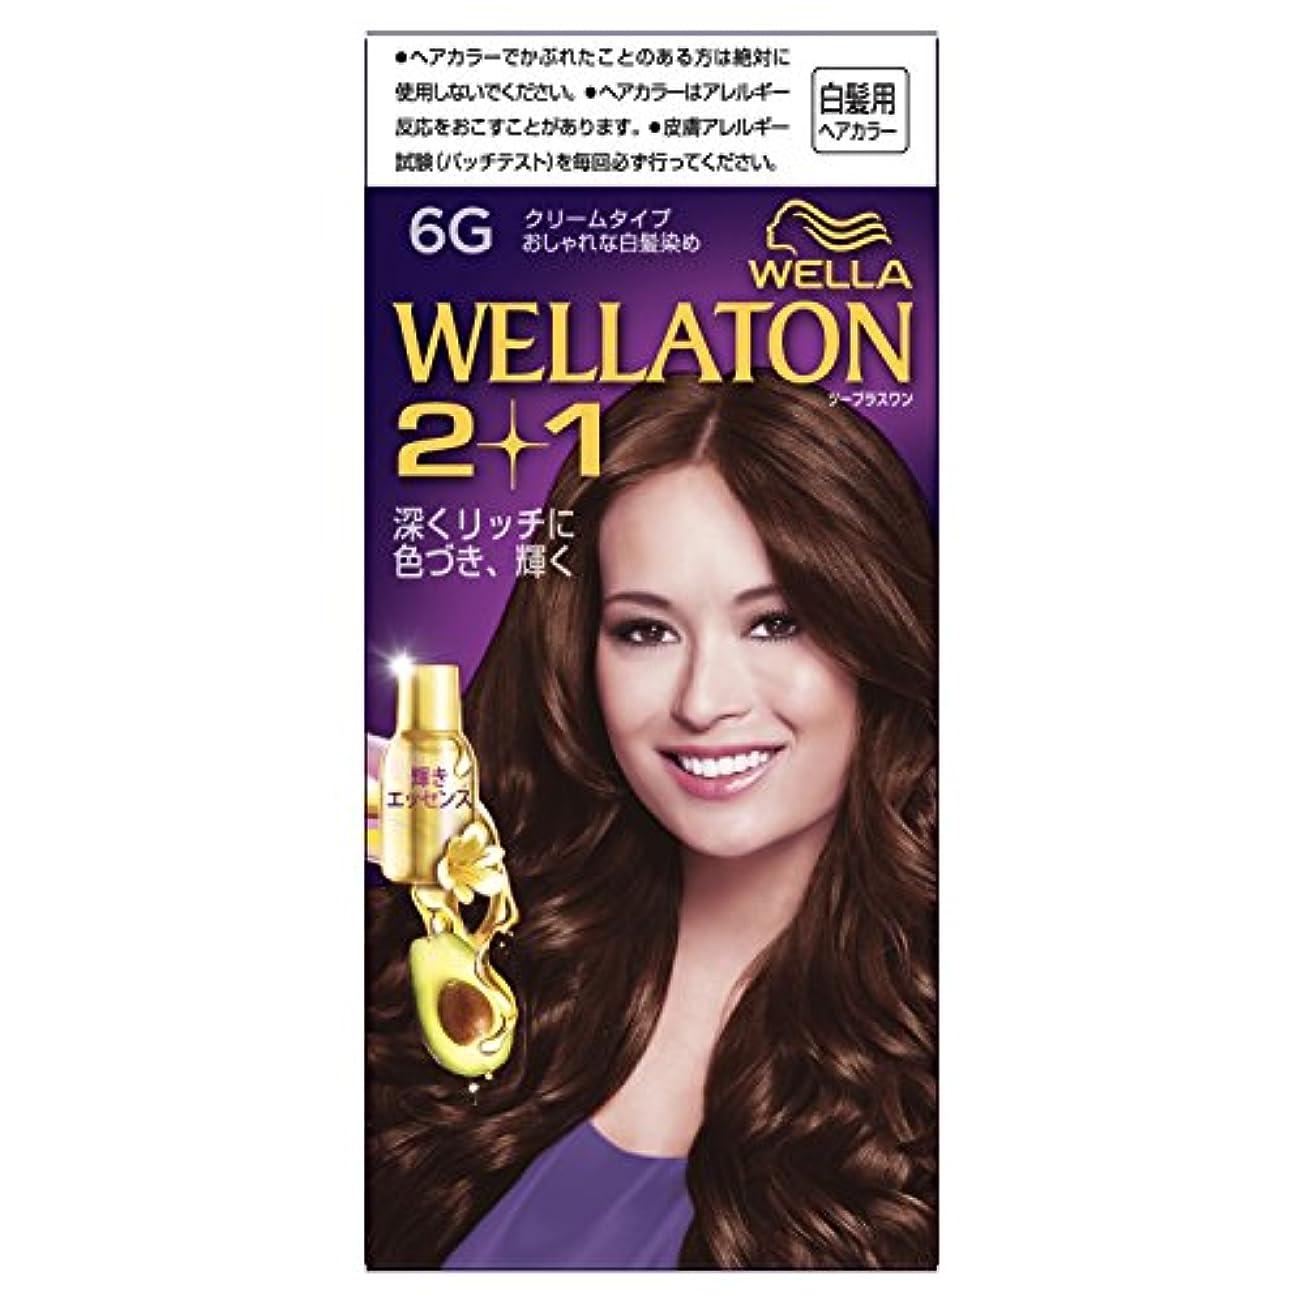 存在困ったワットウエラトーン2+1 クリームタイプ 6G [医薬部外品](おしゃれな白髪染め)